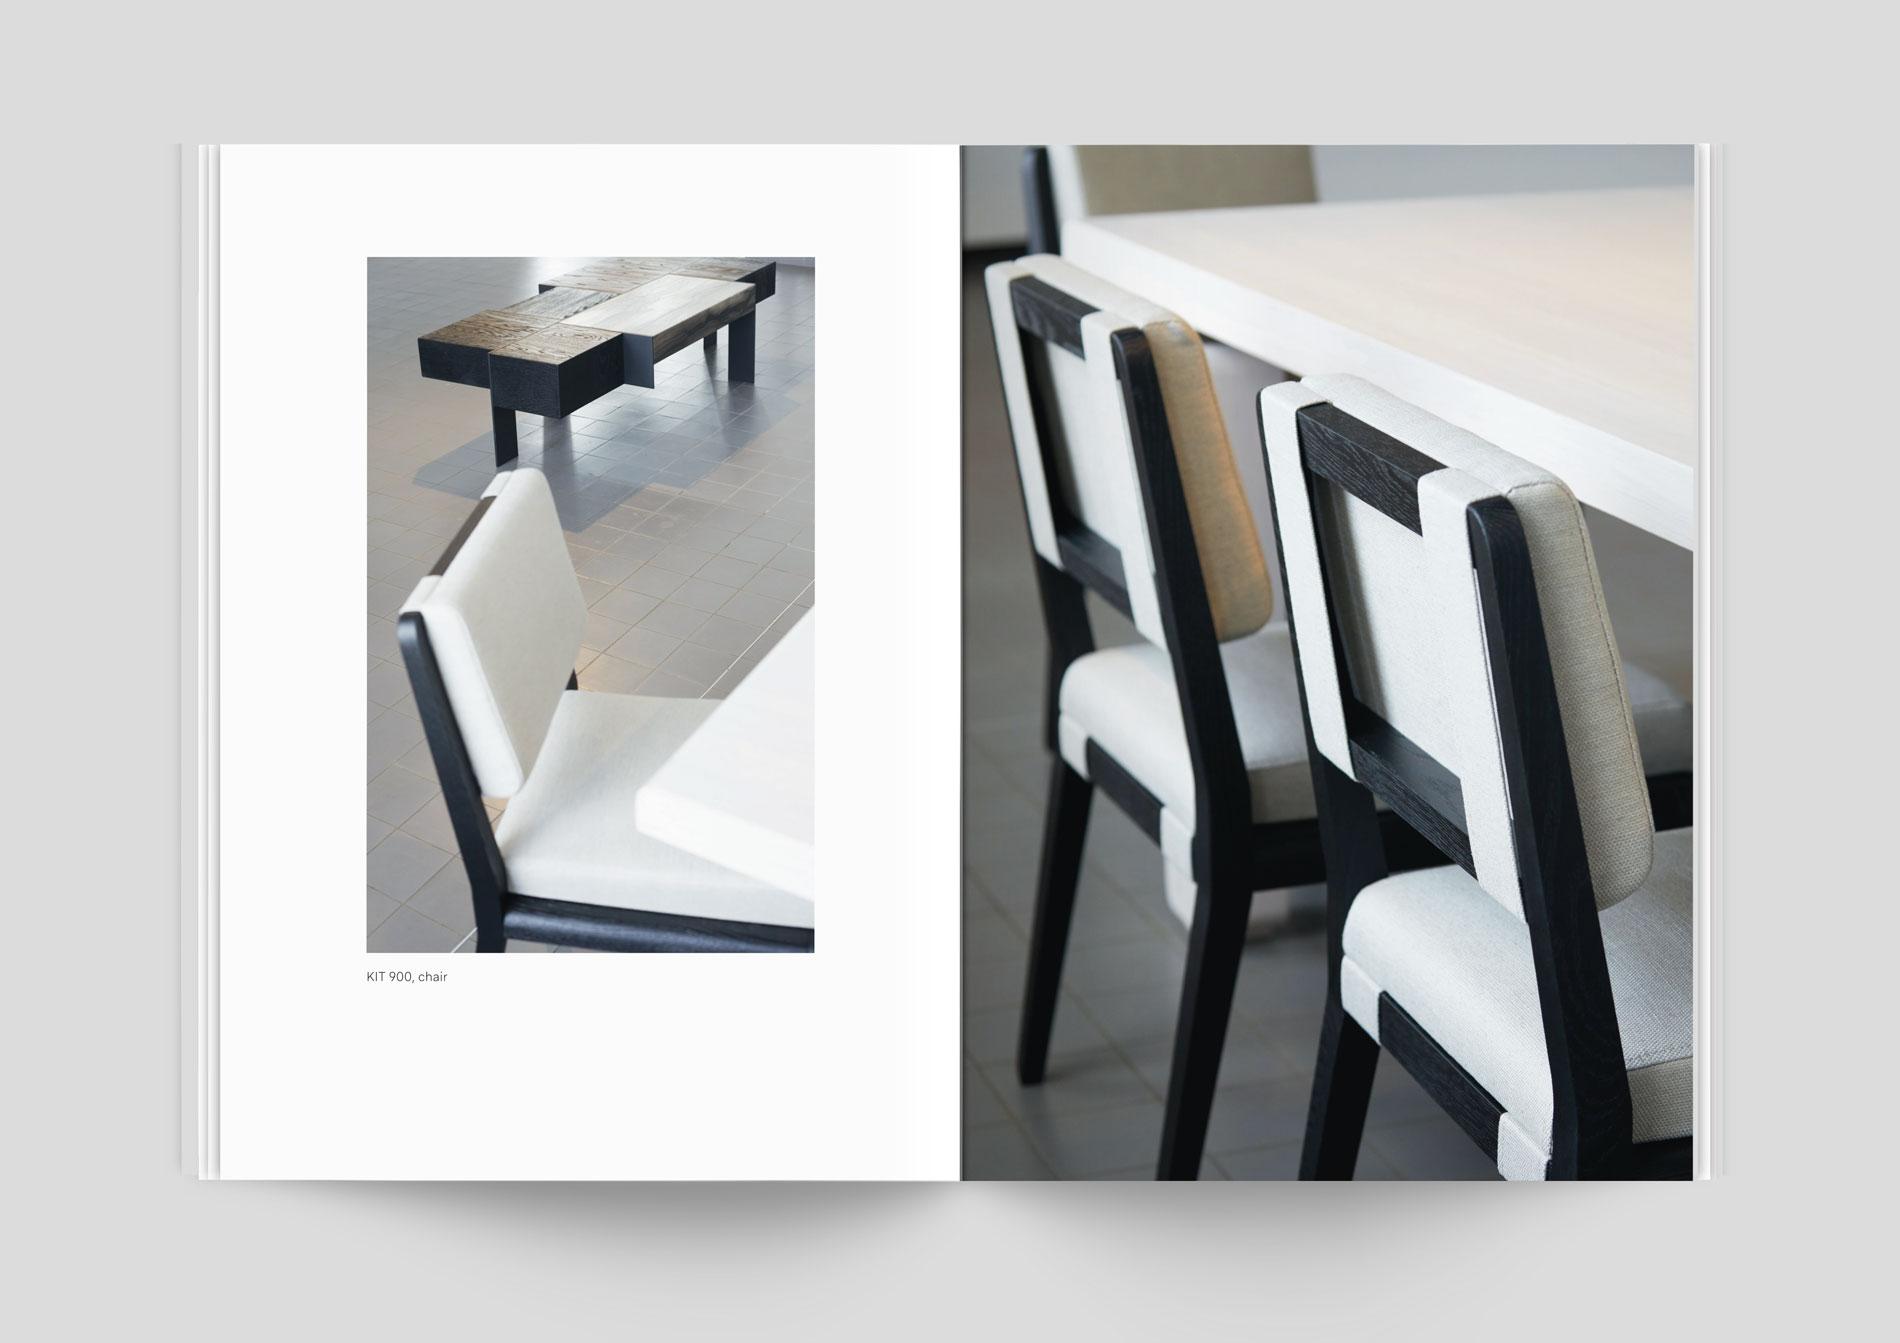 nicoletta-dalfino-van-rossum-antwerp-lookbook-04